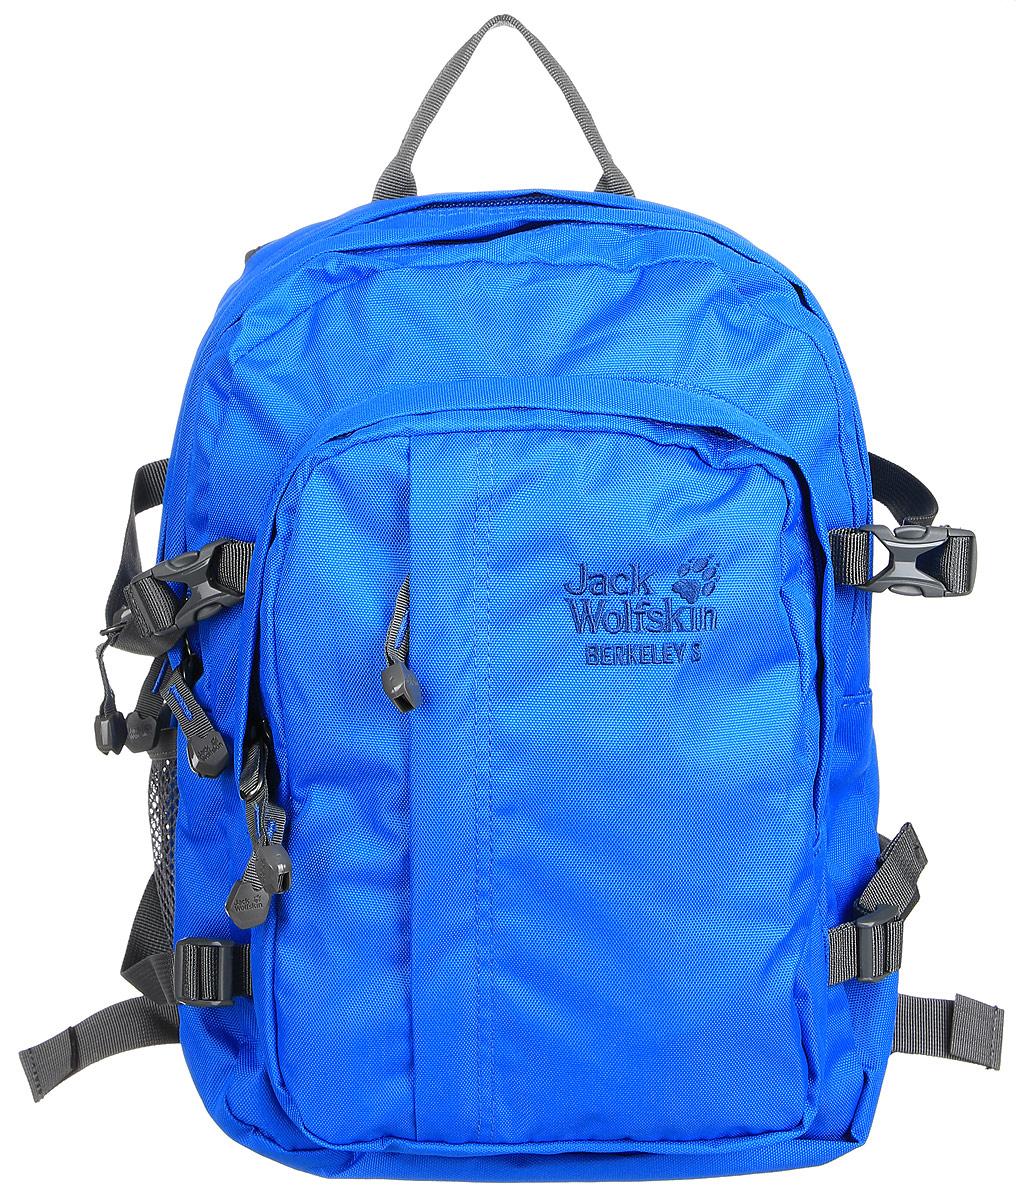 Рюкзак городской Jack Wolfskin Berkeley s, цвет: голубой, 23 л. 25336-115225336-1152Повседневный рюкзак с отделением ОРГАНАЙЗЕР для детей от шести лет. Безопасный комфорт при ношении и идеальная организация для путешествий: BERKELEY S — настоящий универсал и одна из наших классических моделей. Мы создали его для детей от шести лет и оснастили поддерживающей системой SNUGGLE UP (СНАГЛ АП). Особо широкие ремни и отстегиваемый передний поясной ремень равномерно распределяют нагрузку, обеспечивая малышу свободу движений. В двух вместительных основных отделениях и большом переднем отделении ваш маленький любитель активного отдыха сможет разместить книги и тетради, спортивную одежду или свой перекус. Сетчатый карман сбоку, передний карман и практичные, маленькие кармашки идеально подходят для таких мелких предметов, как карандаши, мобильный телефон или MP3-плеер. Благодаря интегрированному карабину ключи от дома или велосипеда никогда не потеряются.